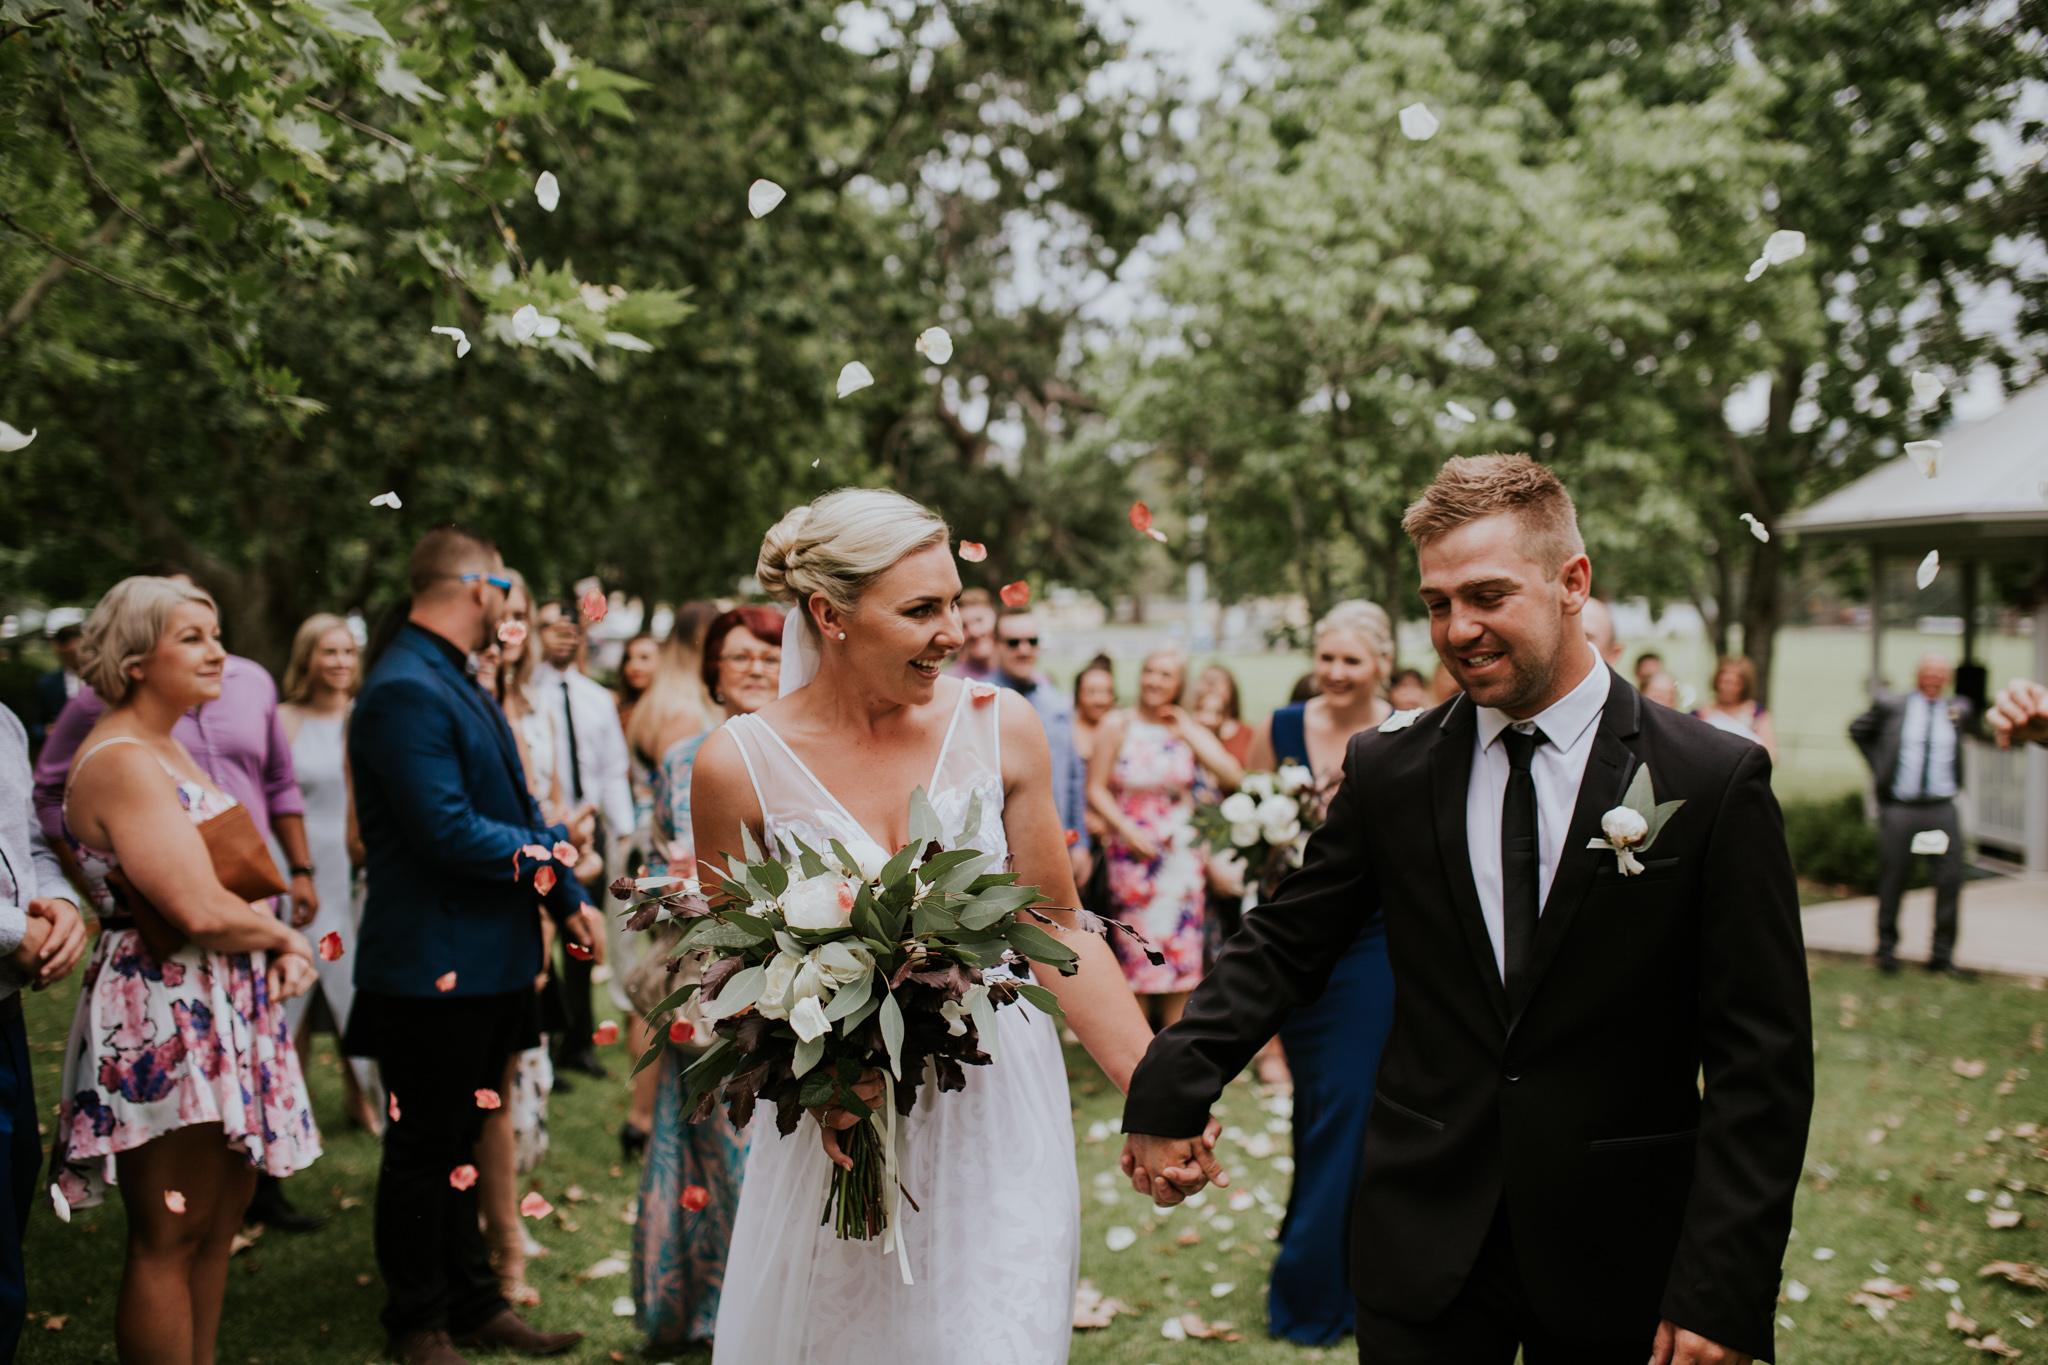 Lucy+Kyle+Kiama+Sebel+wedding-85.jpg